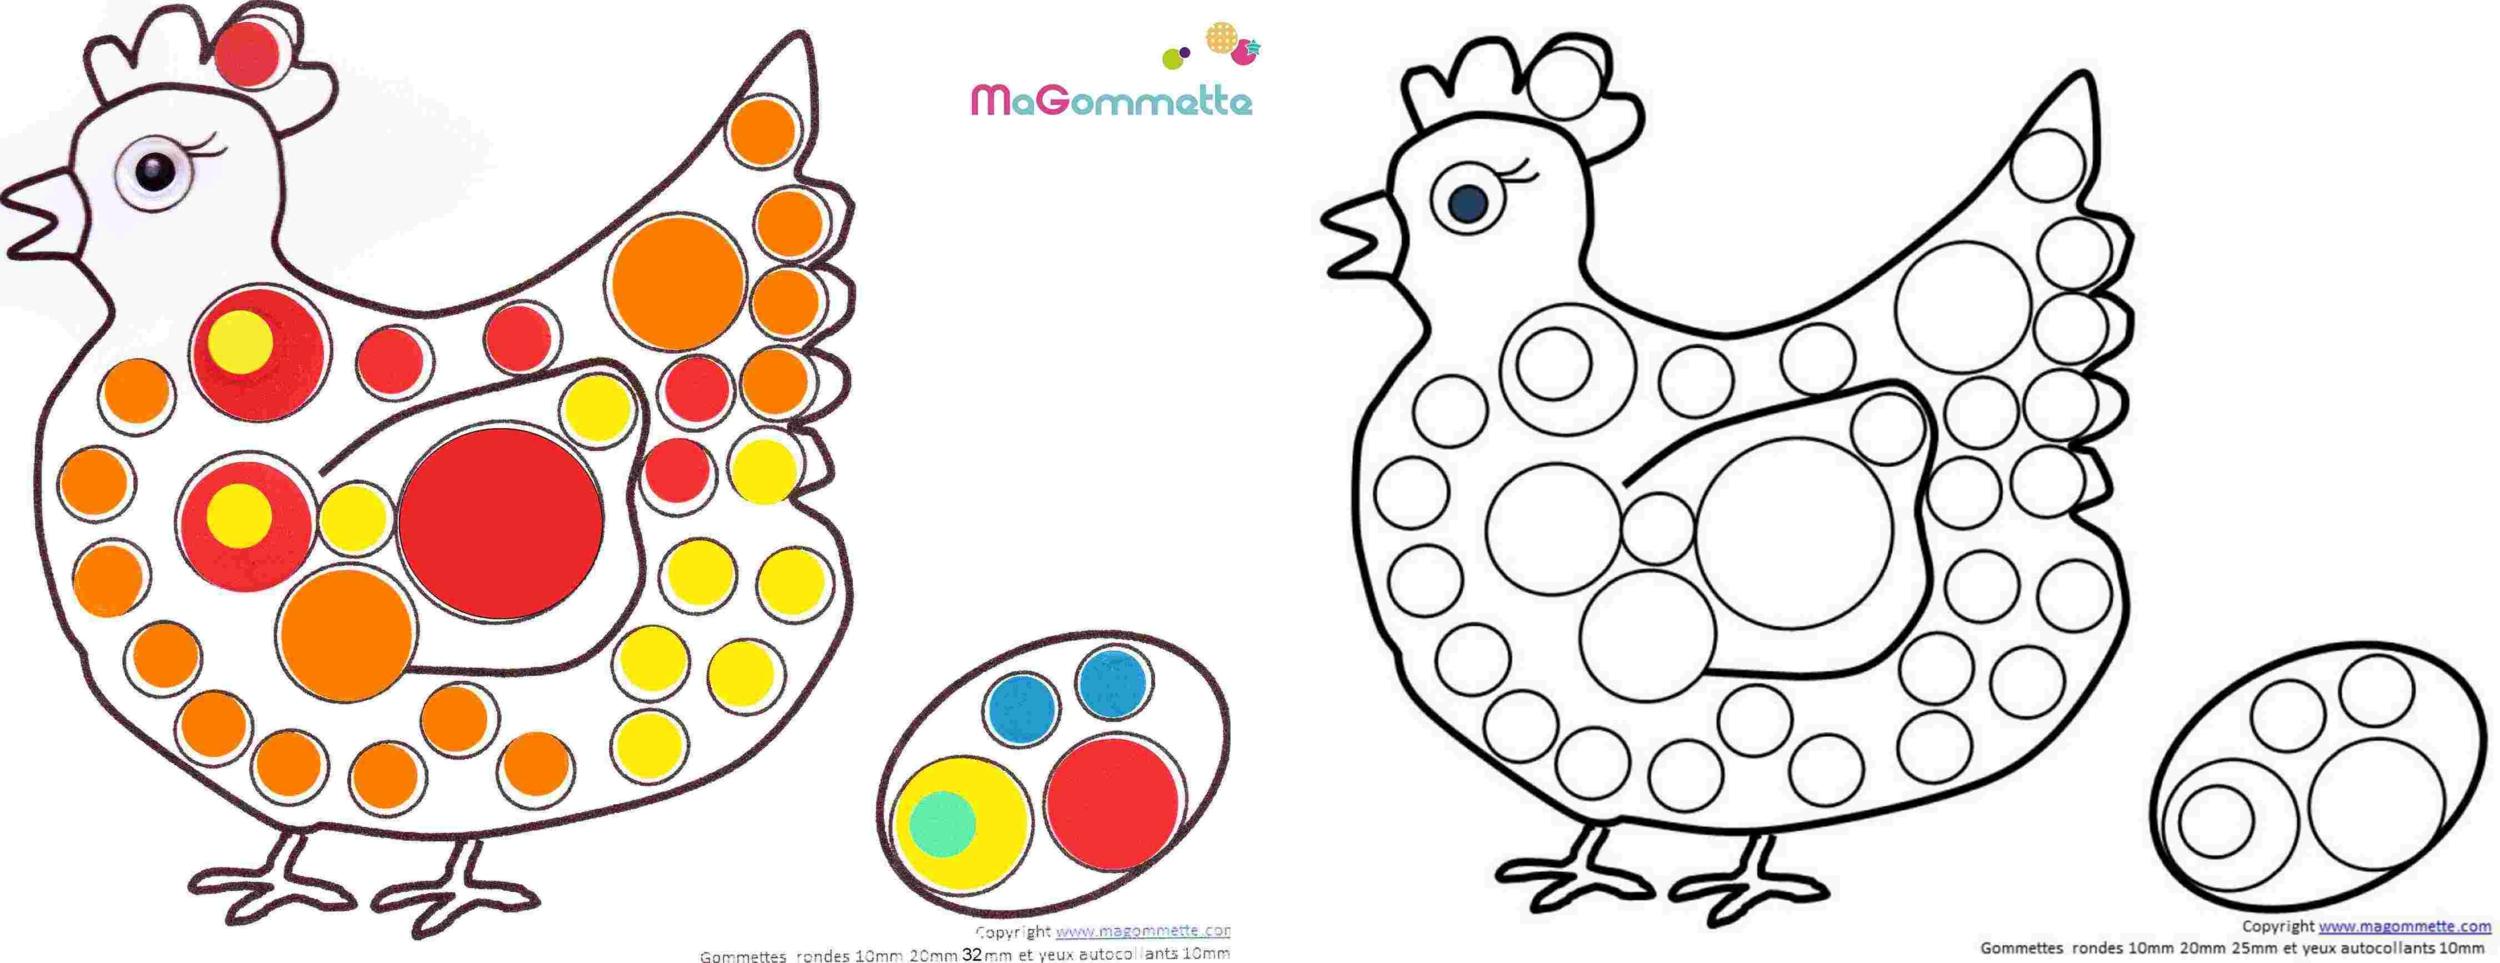 Connu Modèles de dessins à imprimer pour Gommettes - Blog de Ma Gommette YX84